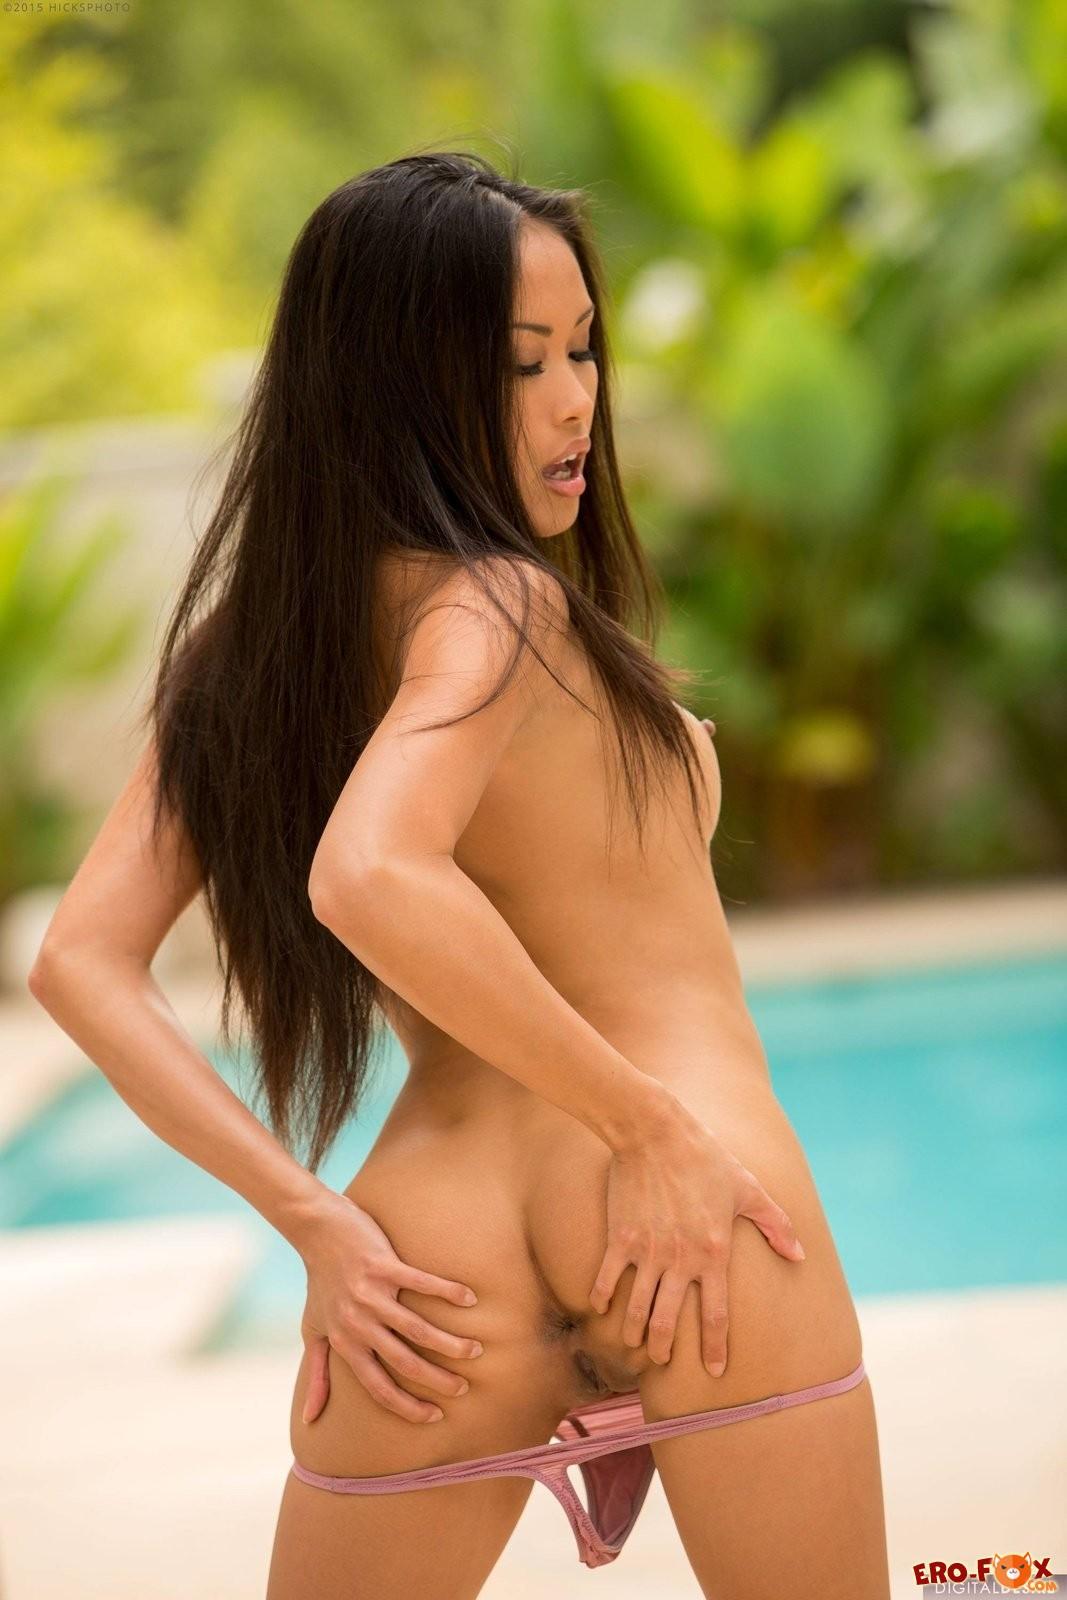 Голая азиатка с красивой грудью и попой